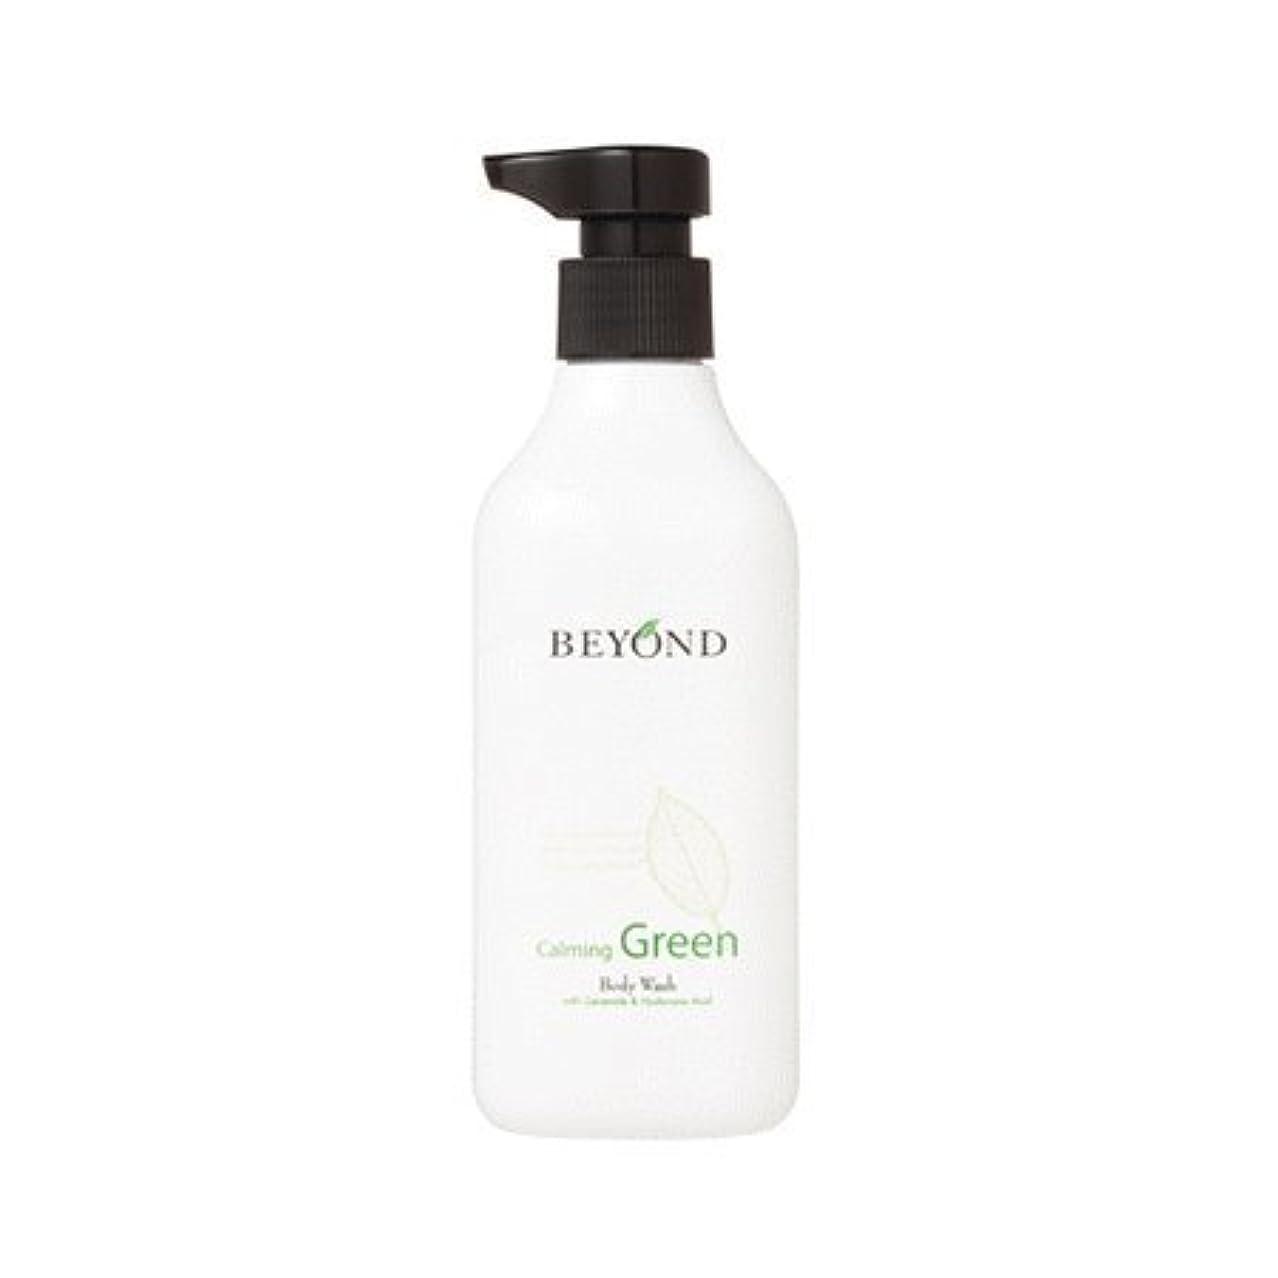 ペグスキャンダル名誉Beyond calming green body wash 300ml